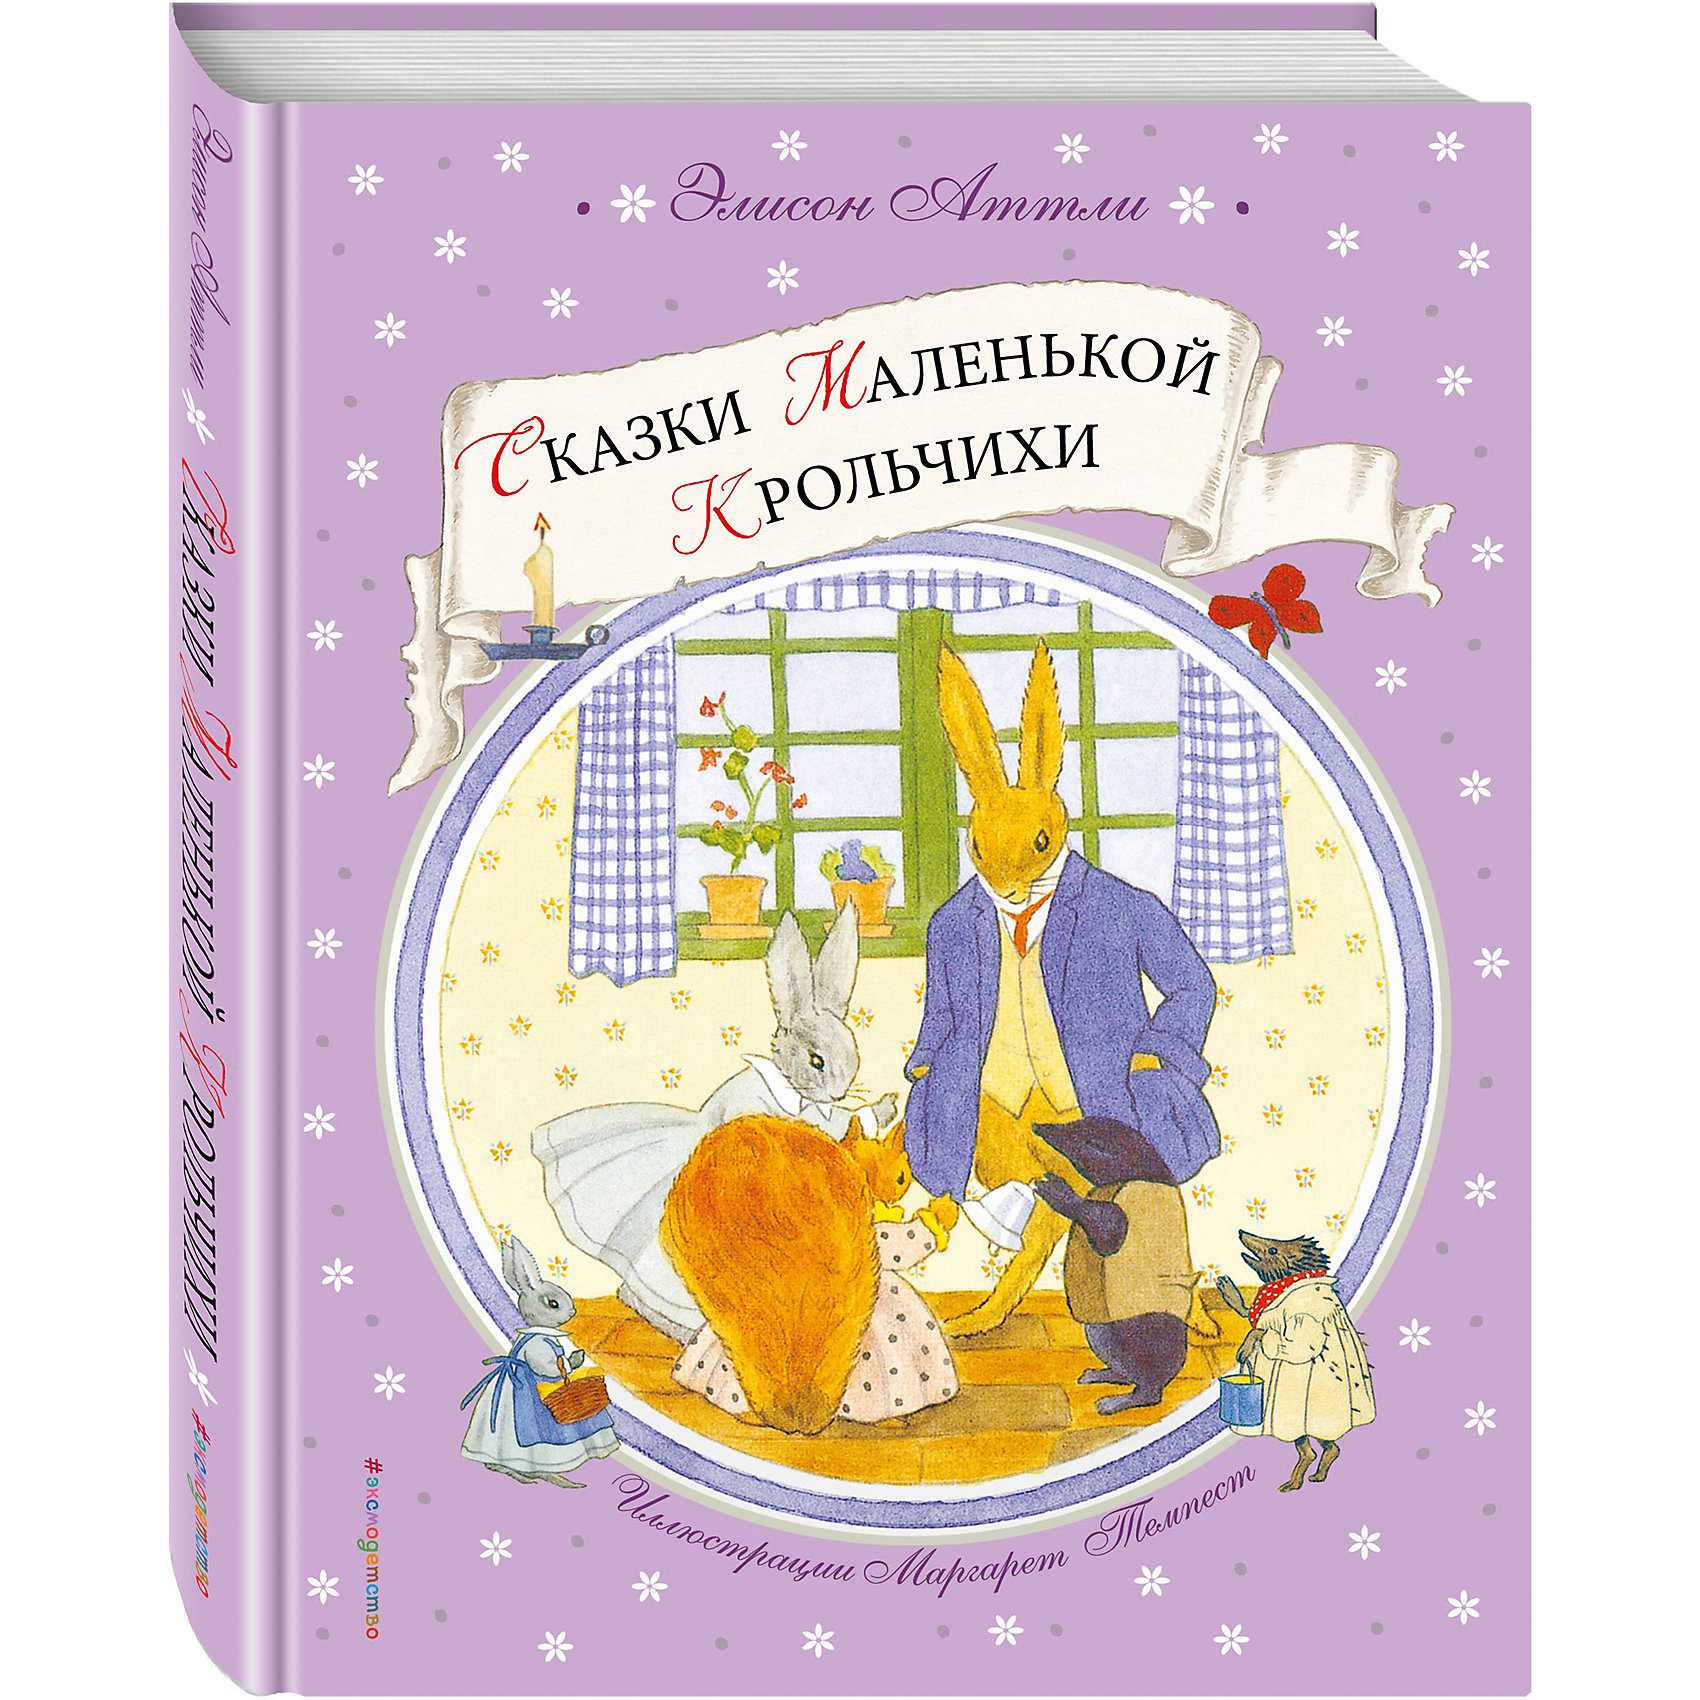 Сказки Маленькой Крольчихи, Элисон АттлиСказки<br>Познакомьтесь с компанией Маленькой Серой Крольчихи - Зайцем, Белкой, Кротом, семейством Ежей и мудрым Филином. Они живут на опушке леса, ходят в гости, ищут колокольчики, катаются на коньках, учатся выращивать морковку, спасаются от опасностей, помогают друг другу, попадают в смешные ситуации, отмечают Рождество и устраивают весёлые праздники…<br>Сказки английской писательницы Элисон Аттли с иллюстрациями Маргарет Темпест - мировая классика детской литературы!<br><br>Ширина мм: 230<br>Глубина мм: 180<br>Высота мм: 20<br>Вес г: 490<br>Возраст от месяцев: 36<br>Возраст до месяцев: 72<br>Пол: Унисекс<br>Возраст: Детский<br>SKU: 6878003